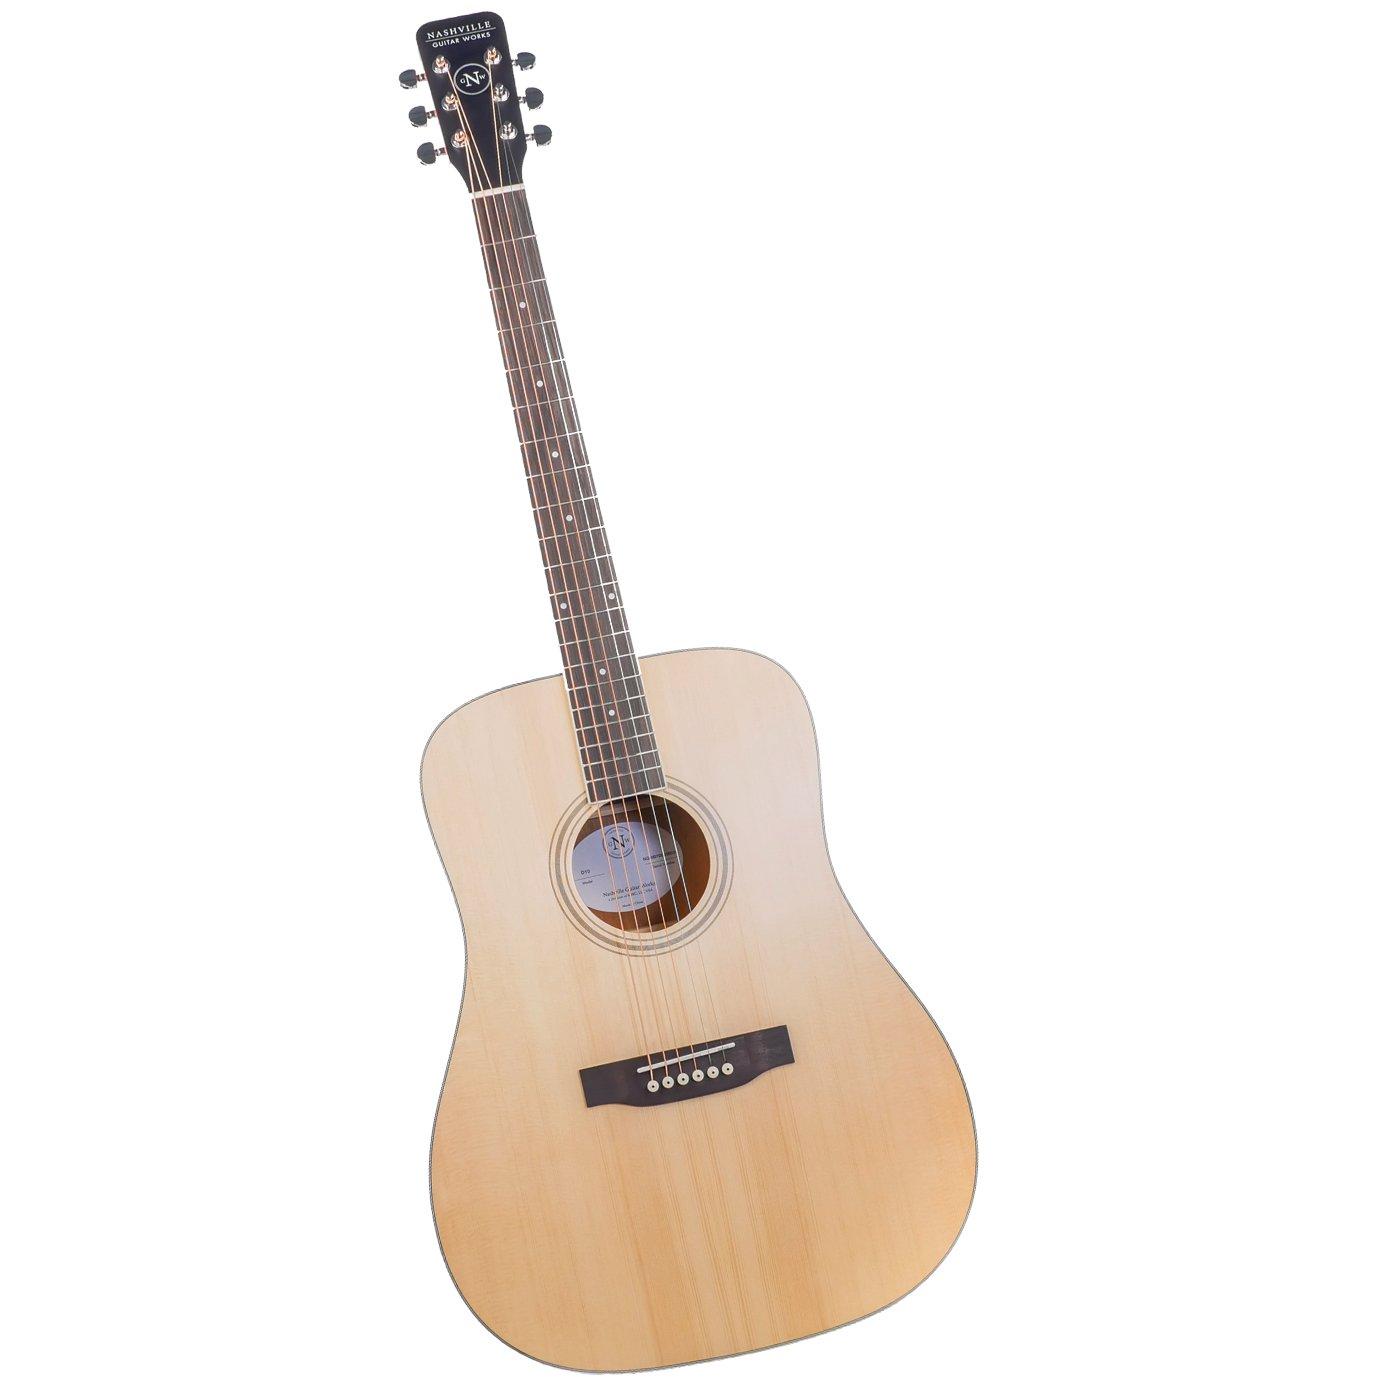 Nashville Guitar Works D10 Acoustic Guitar